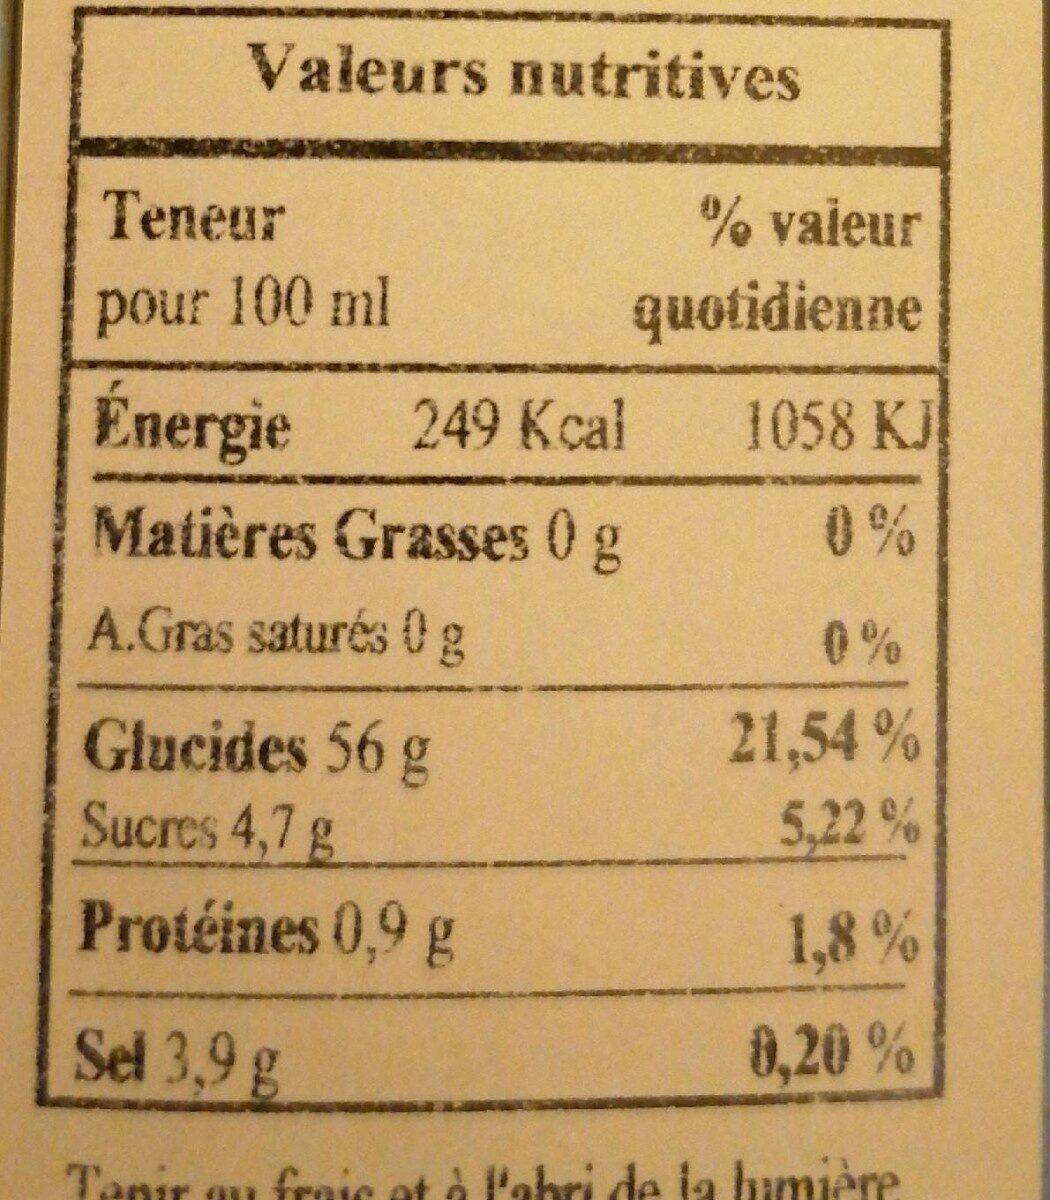 Vinaigre balsamique excellence - Nutrition facts - fr